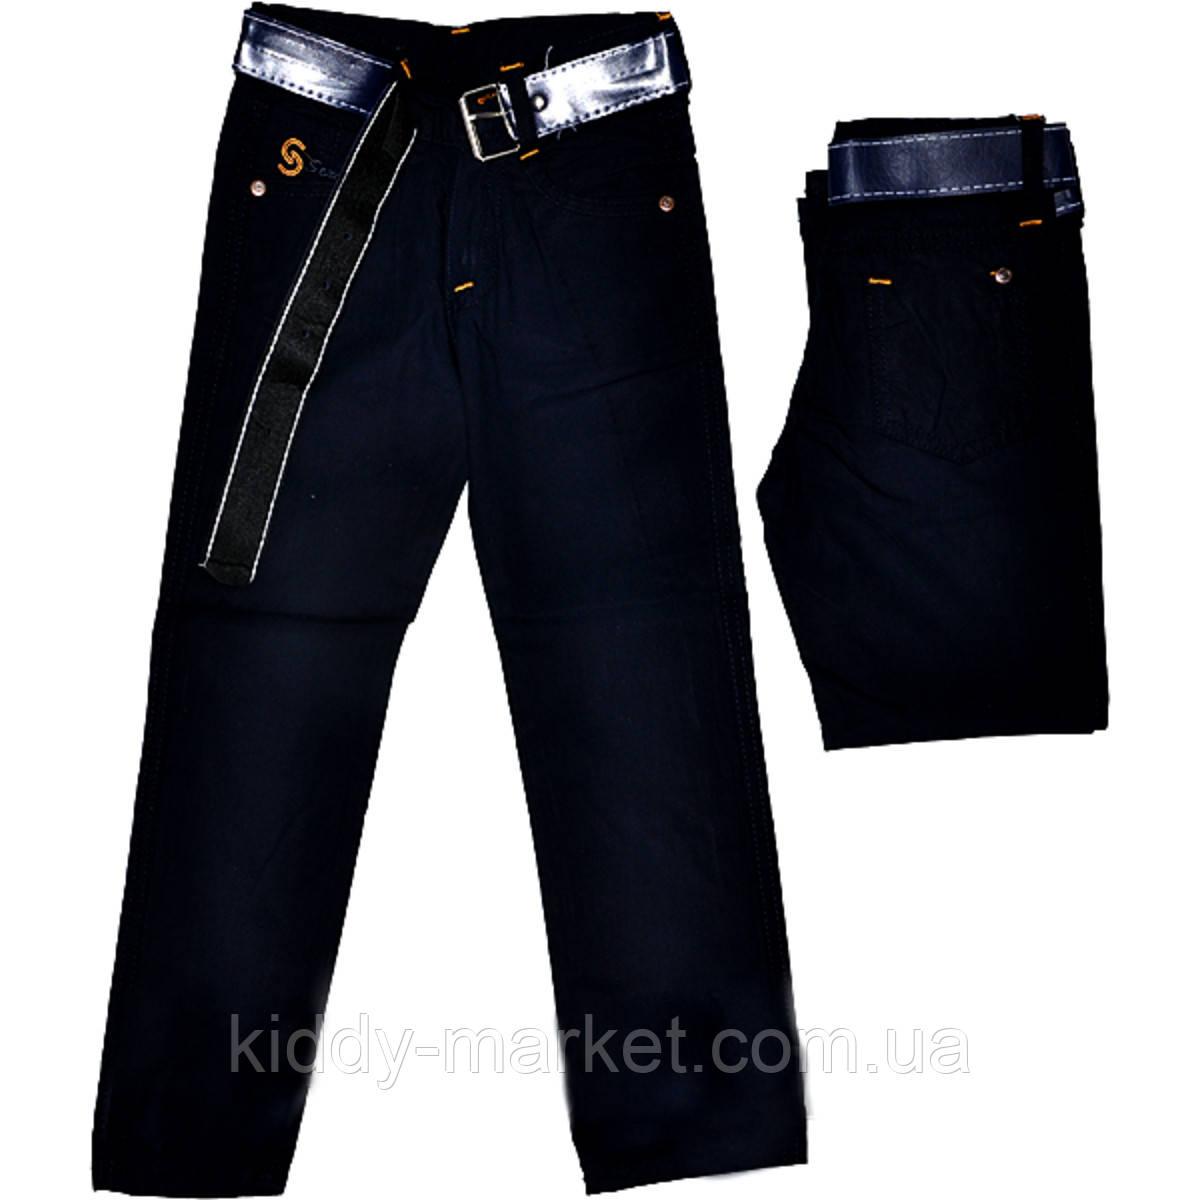 Коттоновые  брюки для мальчика